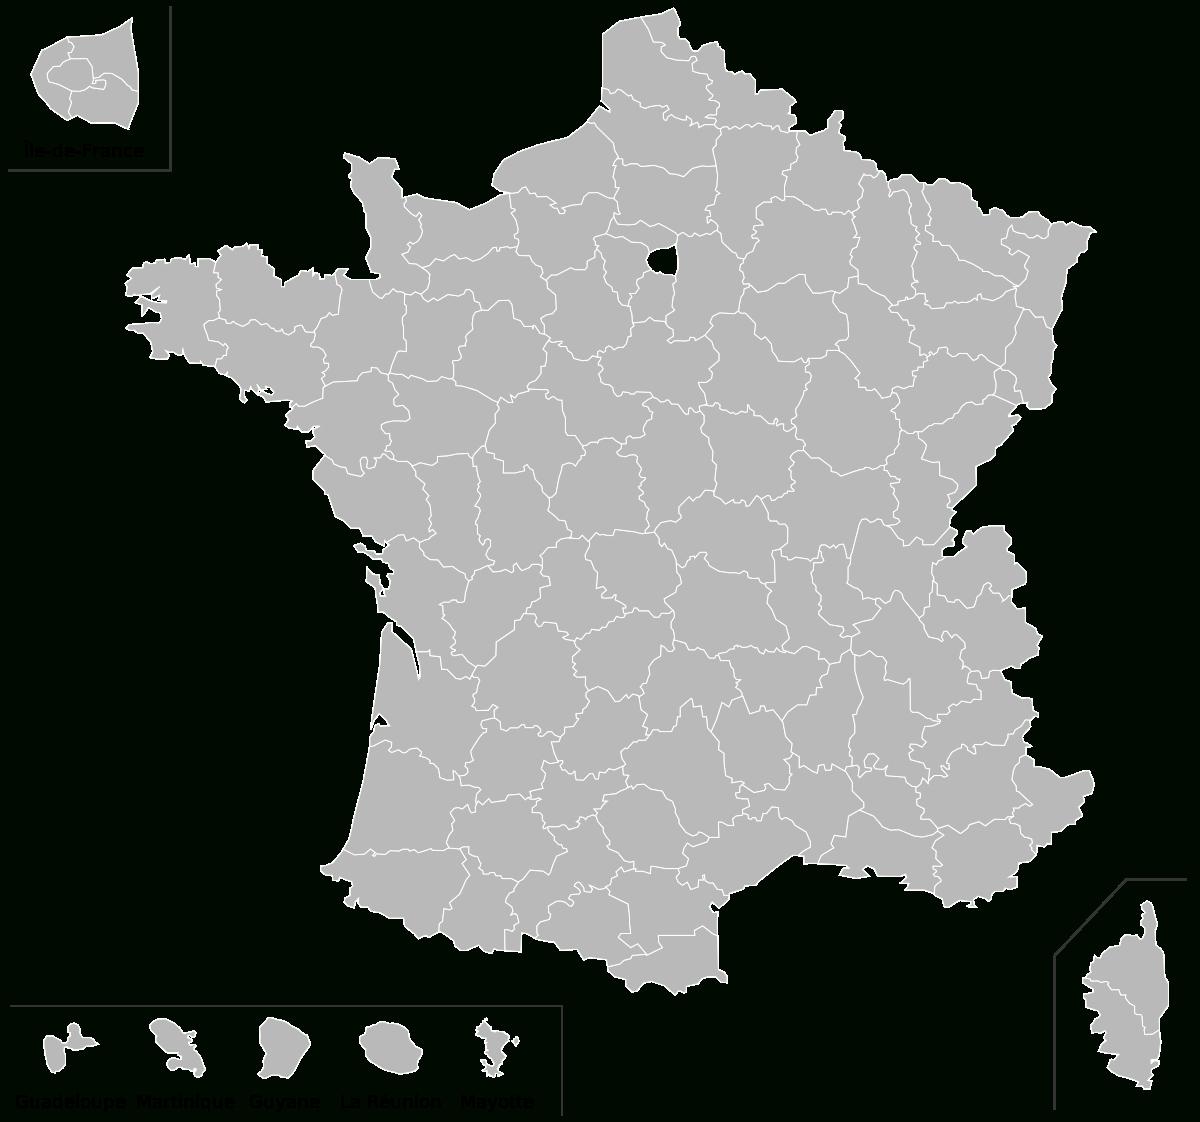 Fichier:carte Vierge Départements Français Avec Dom.svg destiné Carte De France Dom Tom